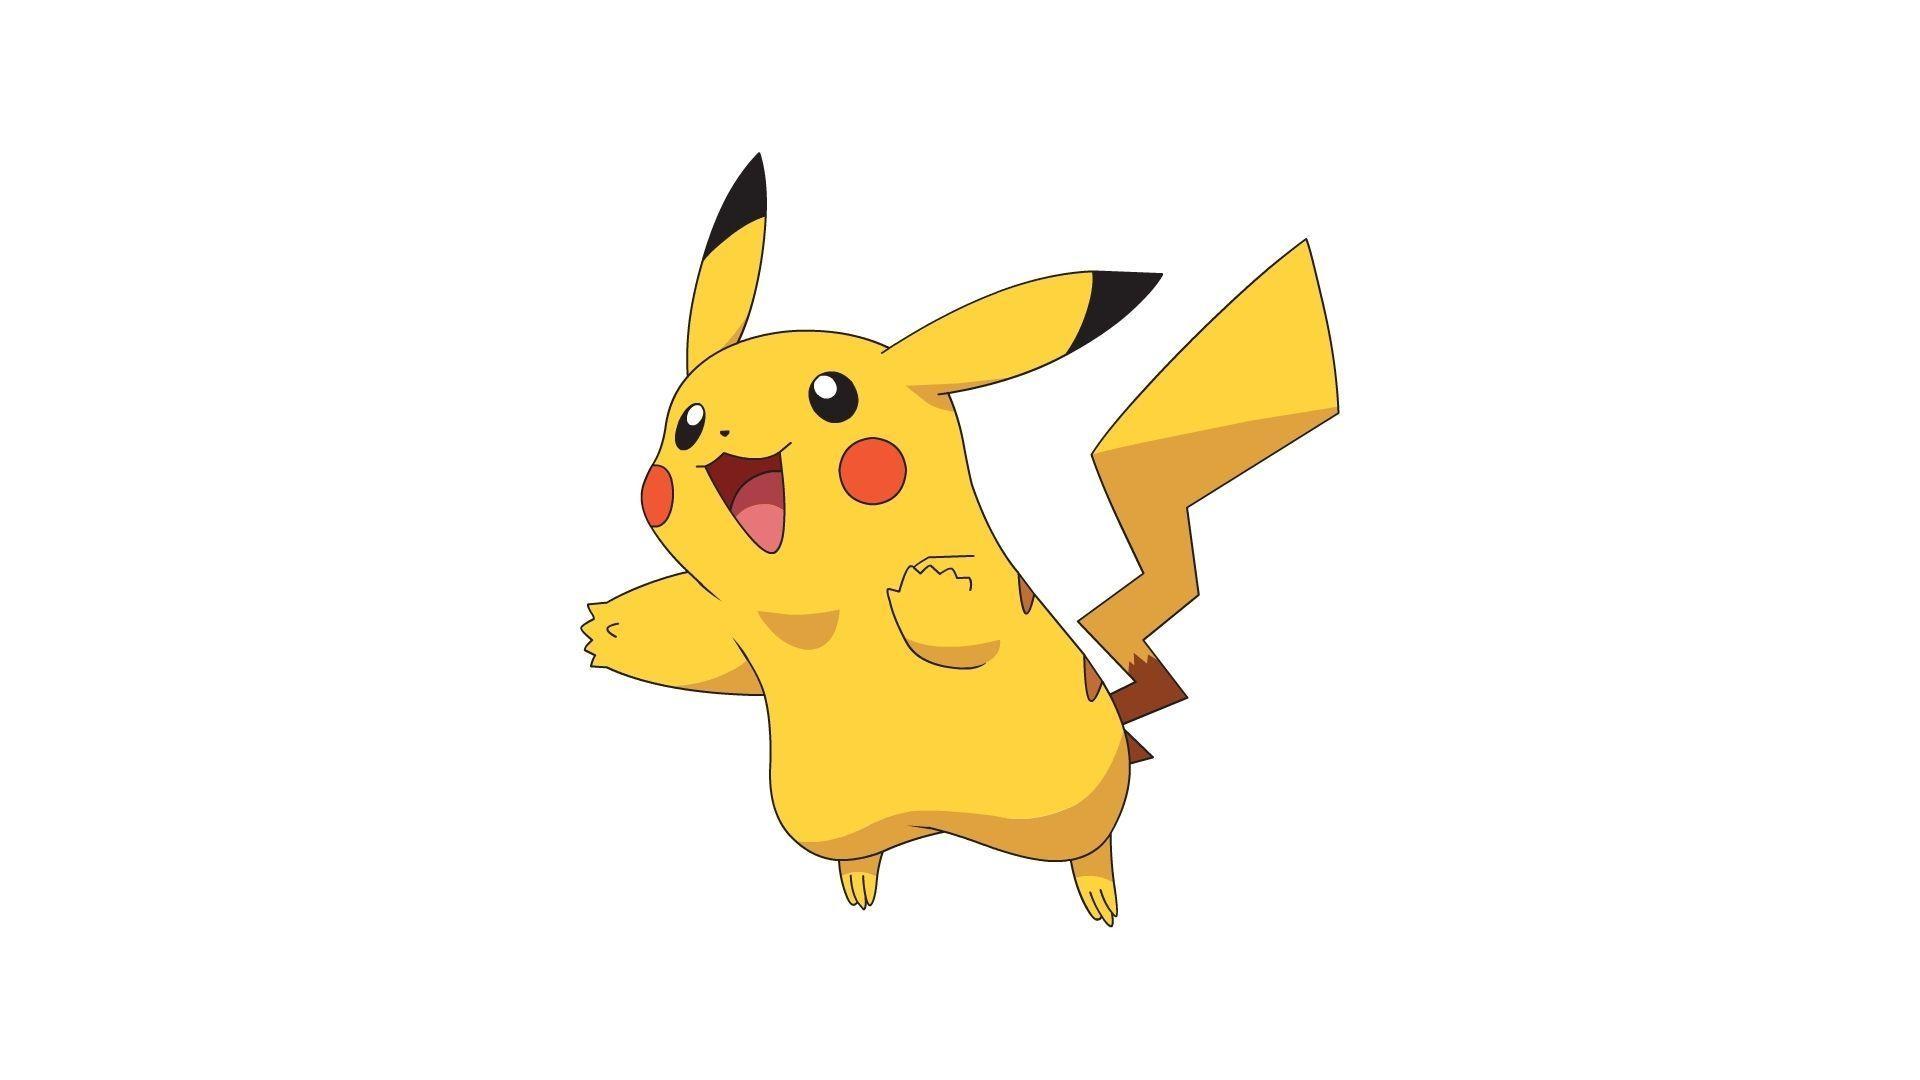 Pikachu Pokemon Cute Wallpaper